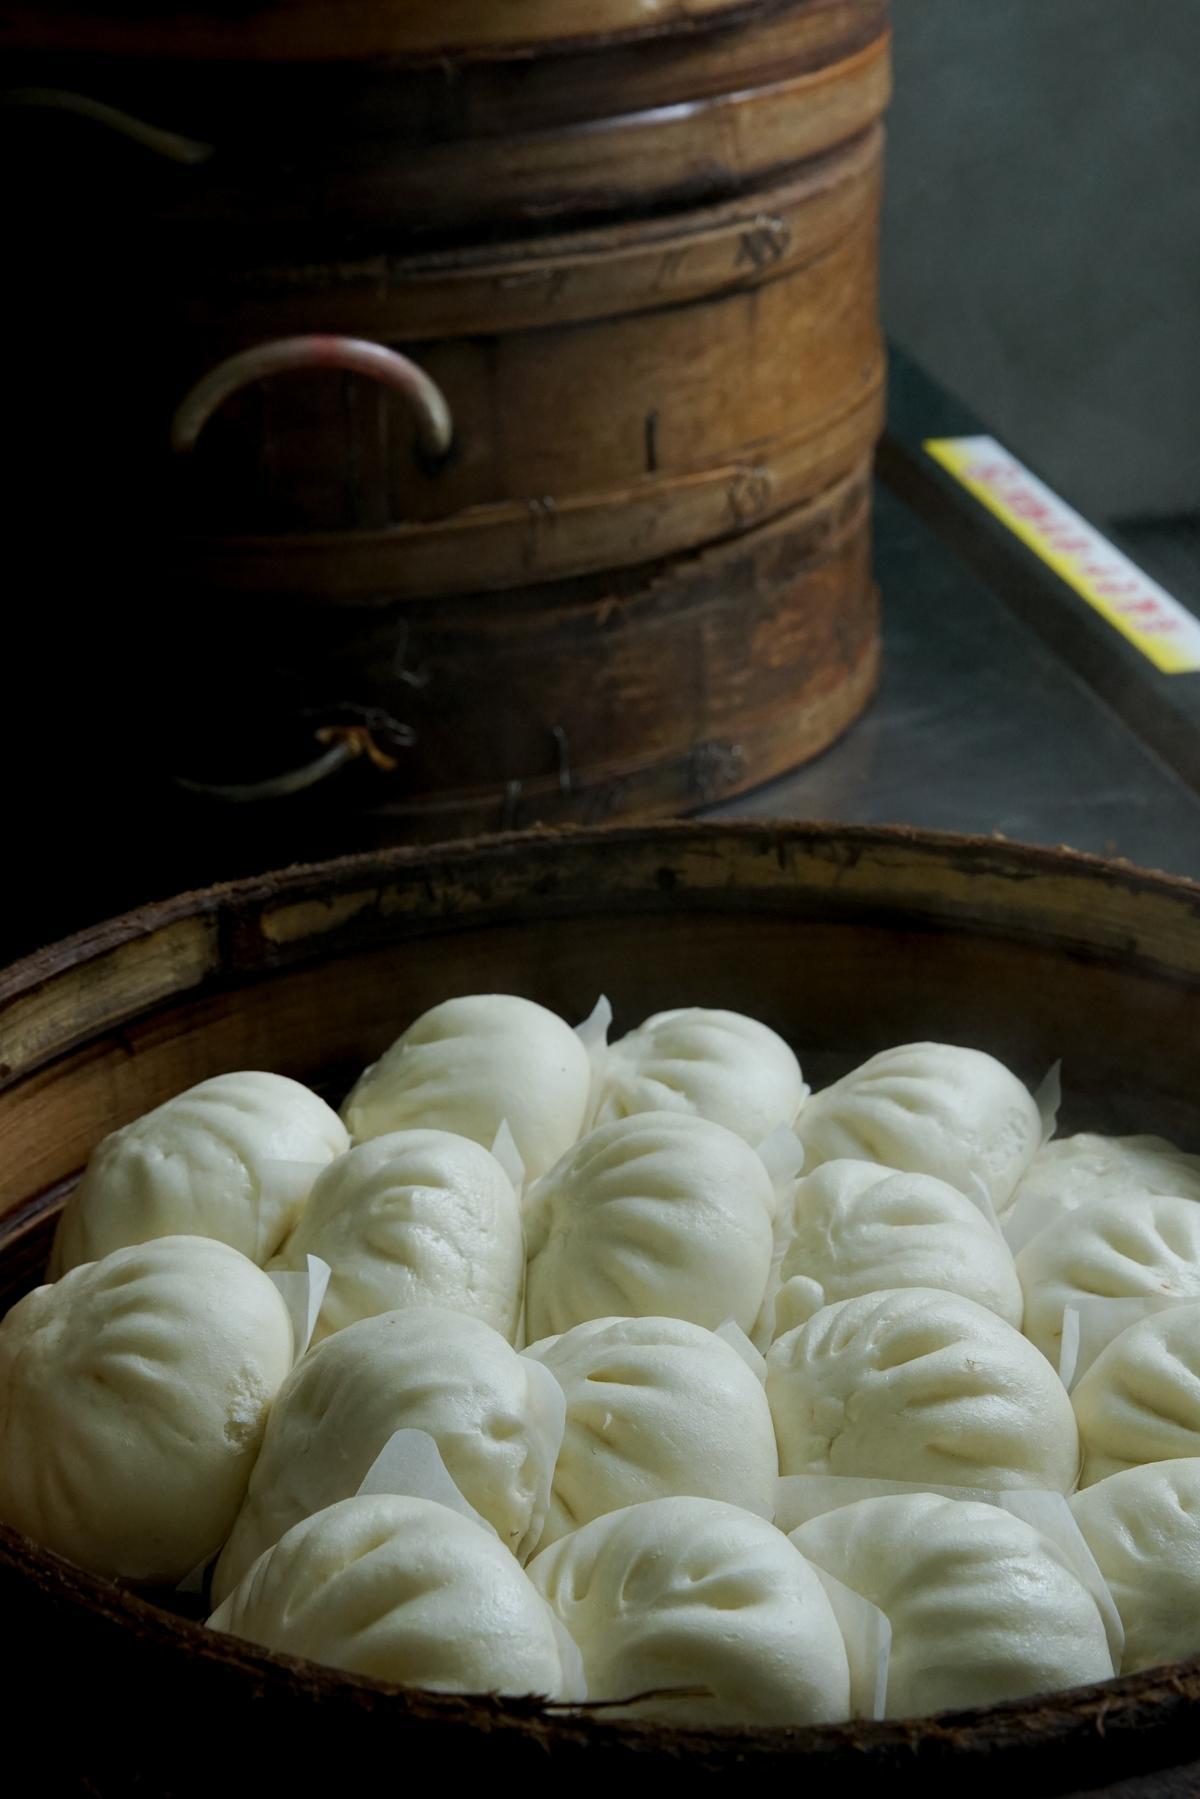 萬川號櫃台上的蒸籠,永遠冒著煙氣熱蒸著肉包點心。